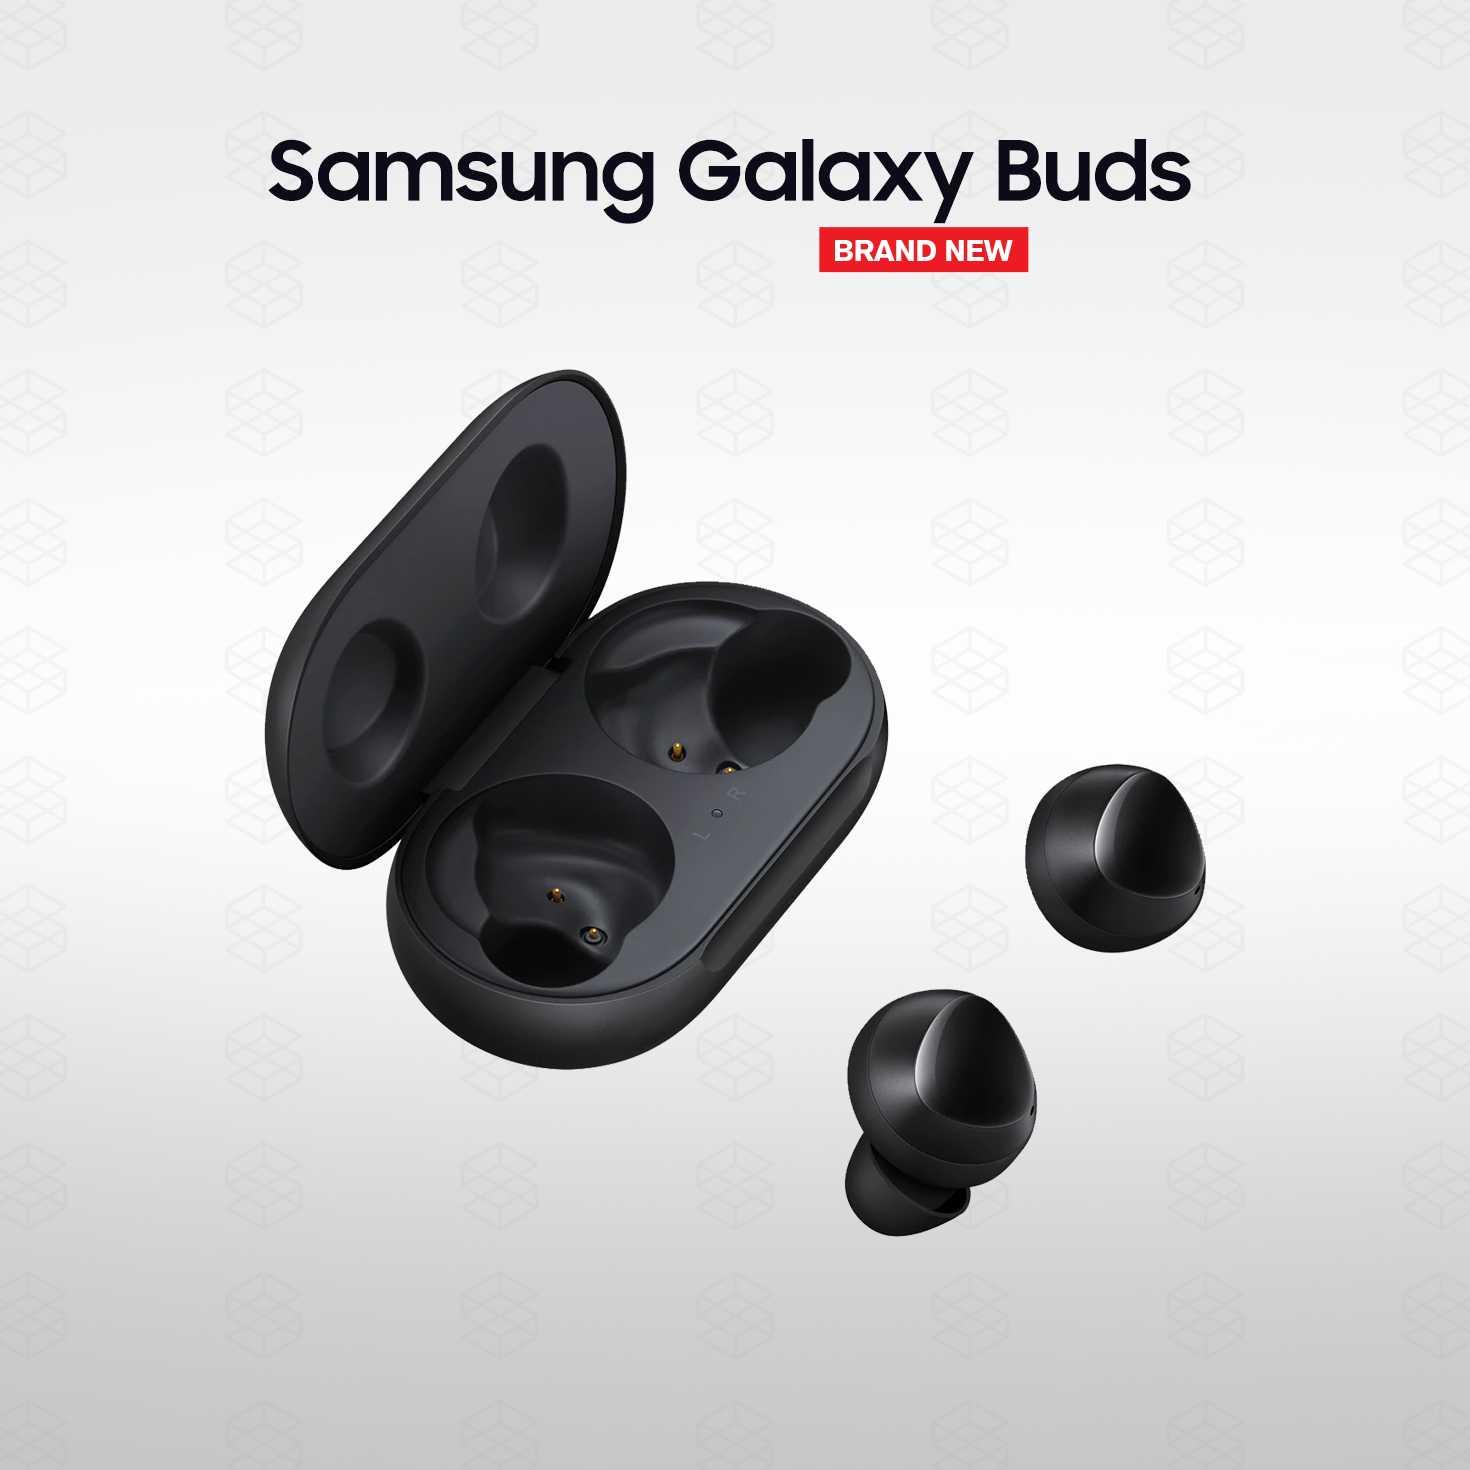 Обзор samsung galaxy buds+ (plus): новые беспроводные наушники 2020 года galaxy buds+ (plus) earphones-review